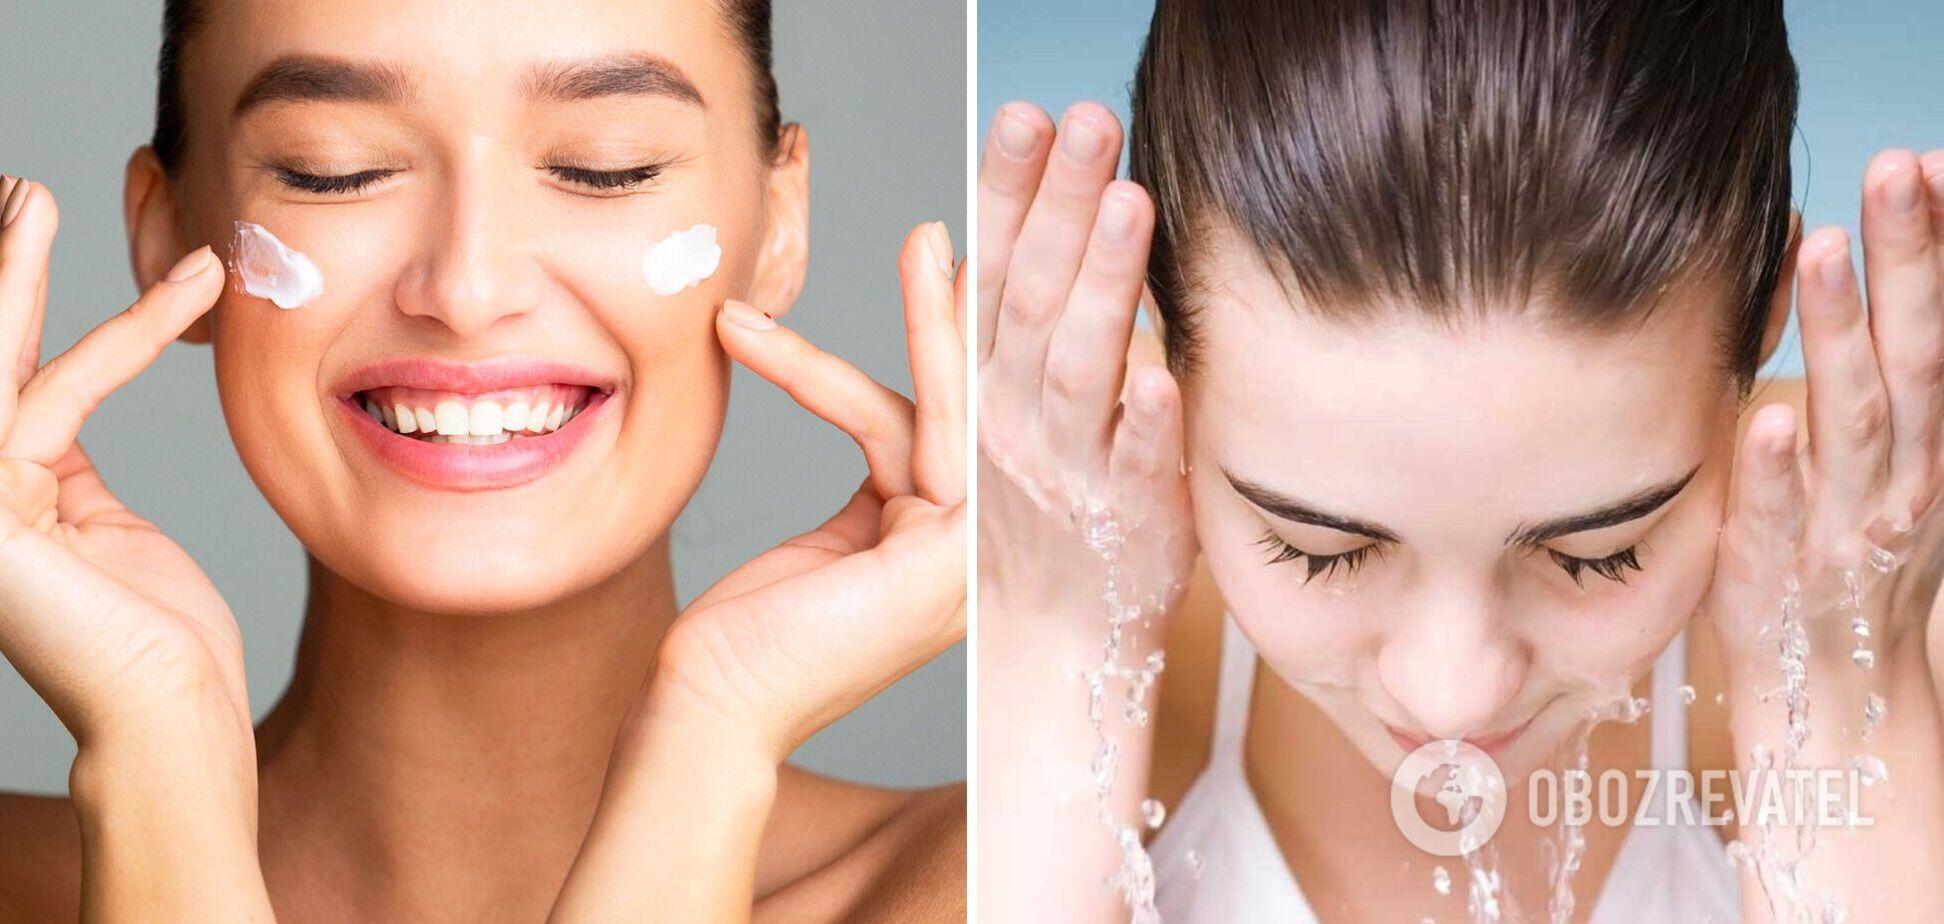 Почему на лице появляется высыпание: косметолог рассказала, как с этим бороться